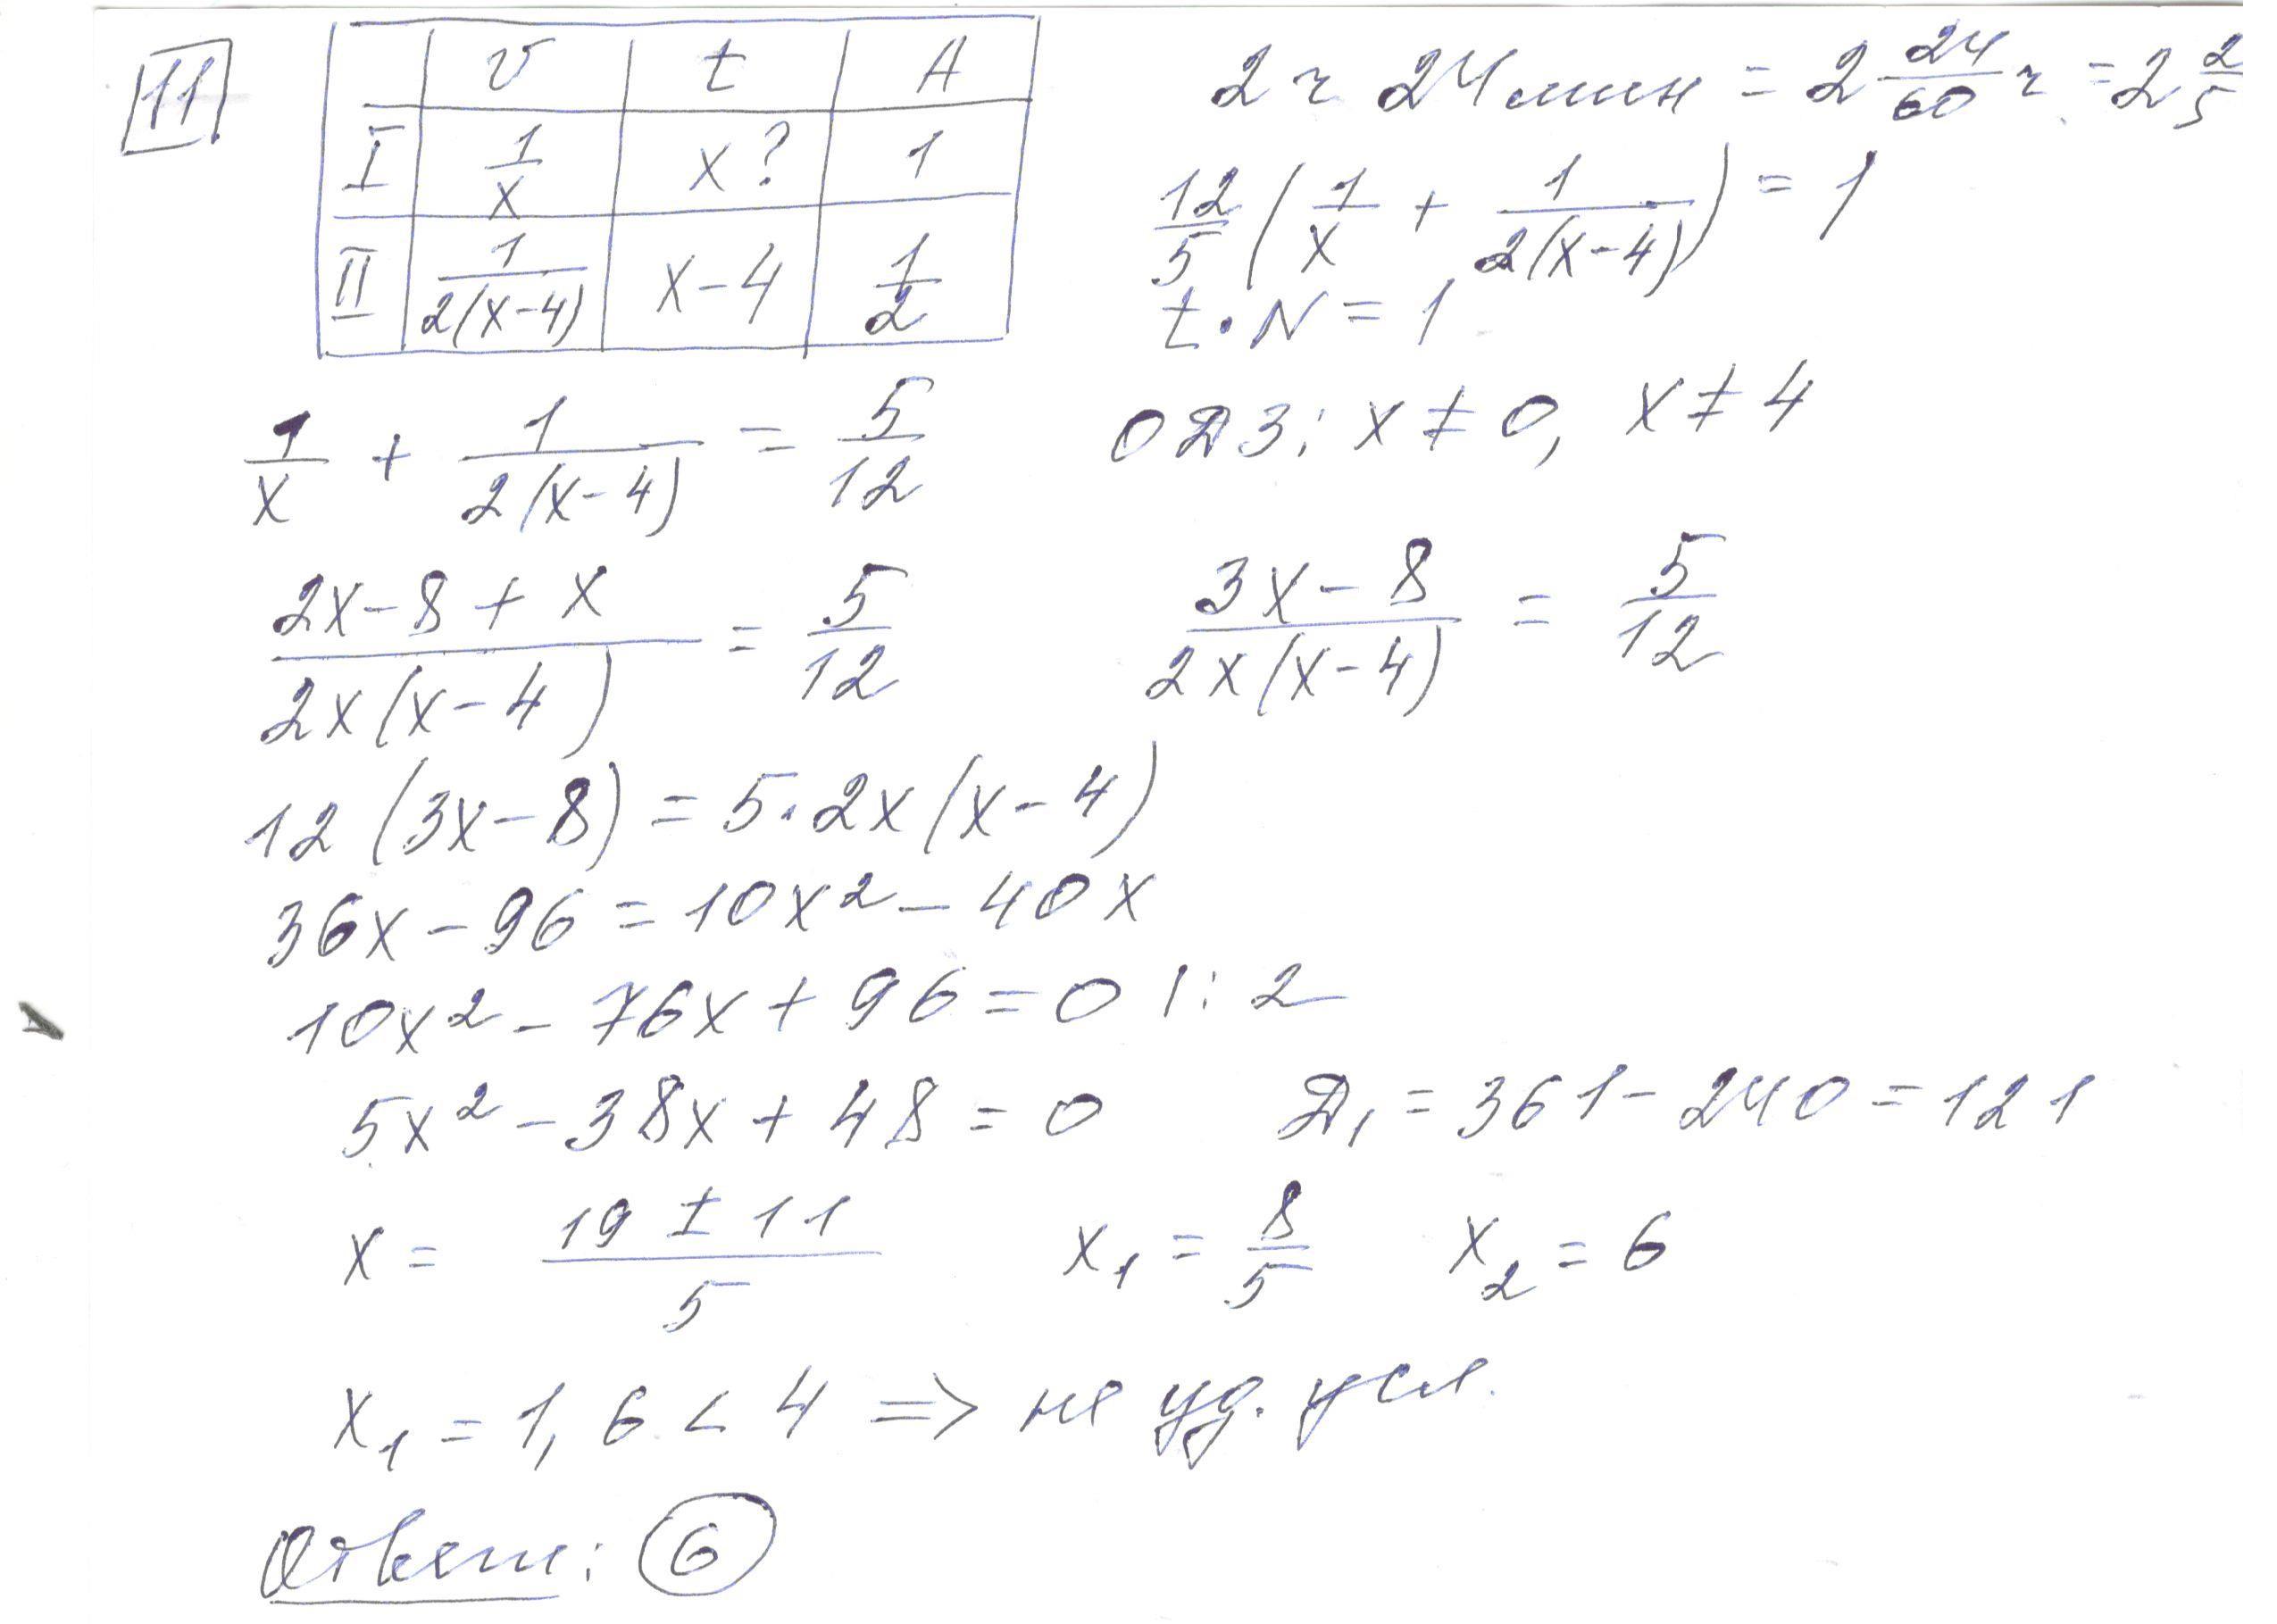 Задние 11, Вариант 1, решение и ответ - Прокофьев, ЕГЭ 2019 математика профиль 25 вариантов (Просвещение)